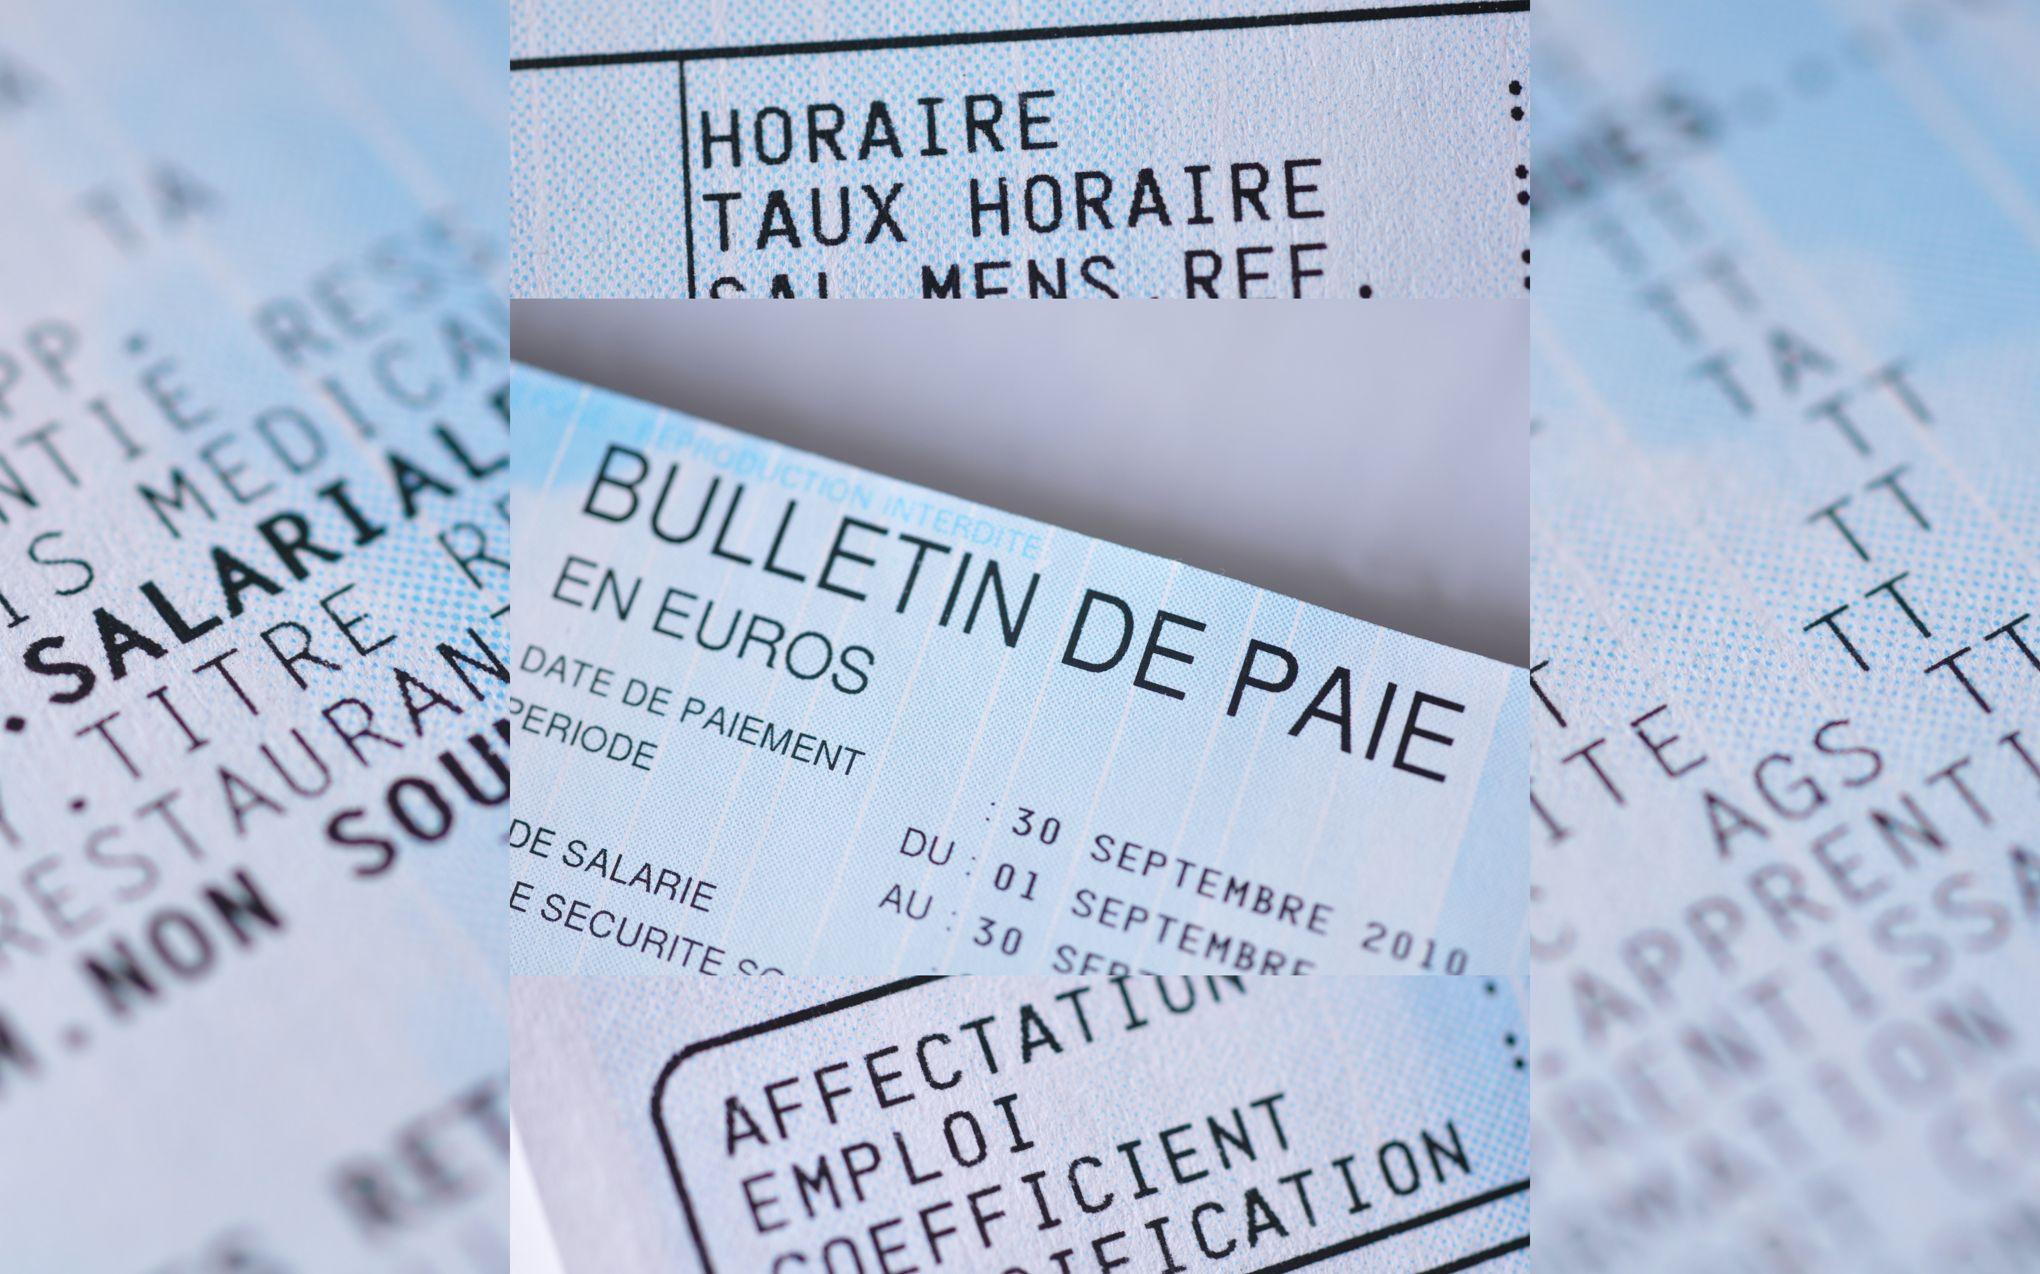 Sur le bulletin de paie, le salaire net avant impôt sera écrit en gros caractères